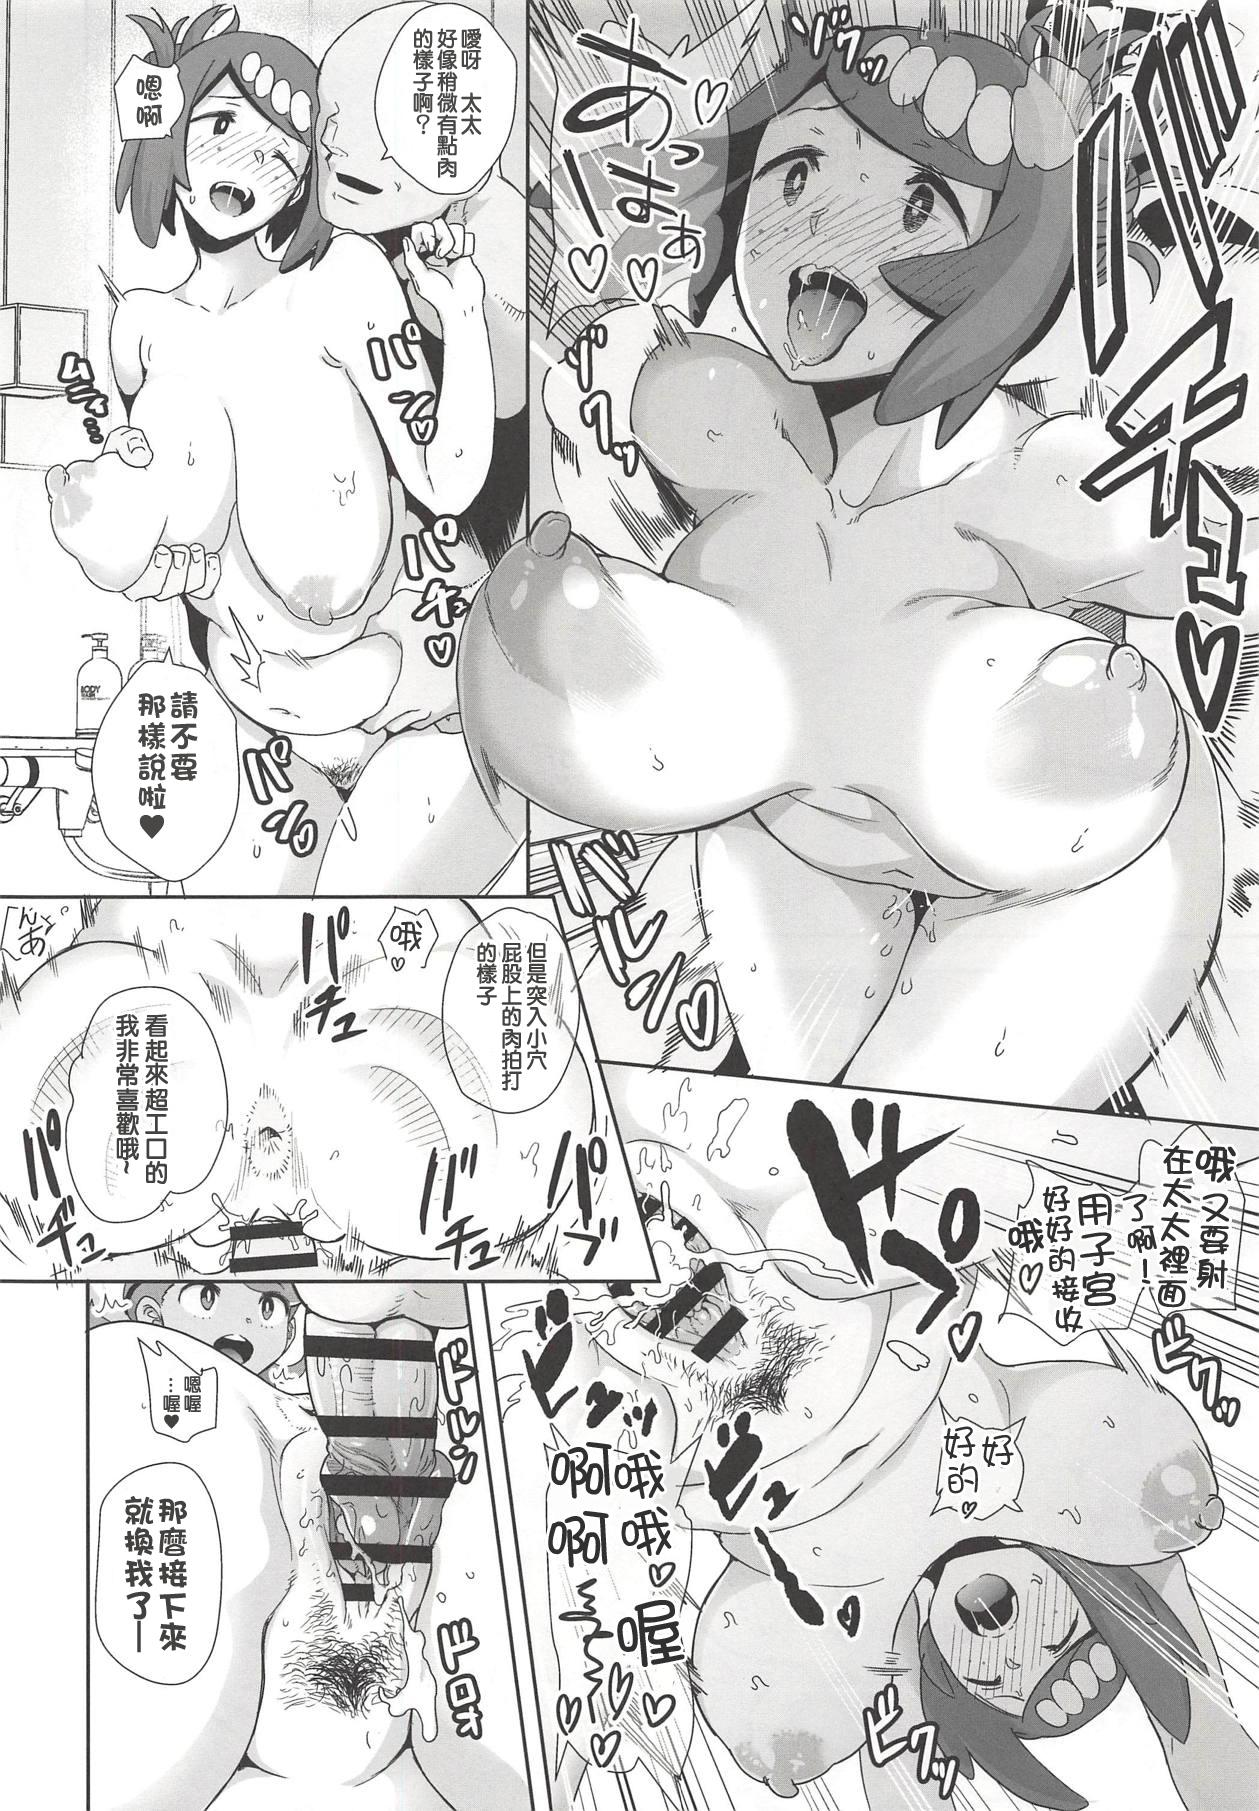 Alola no Yoru no Sugata 2 12